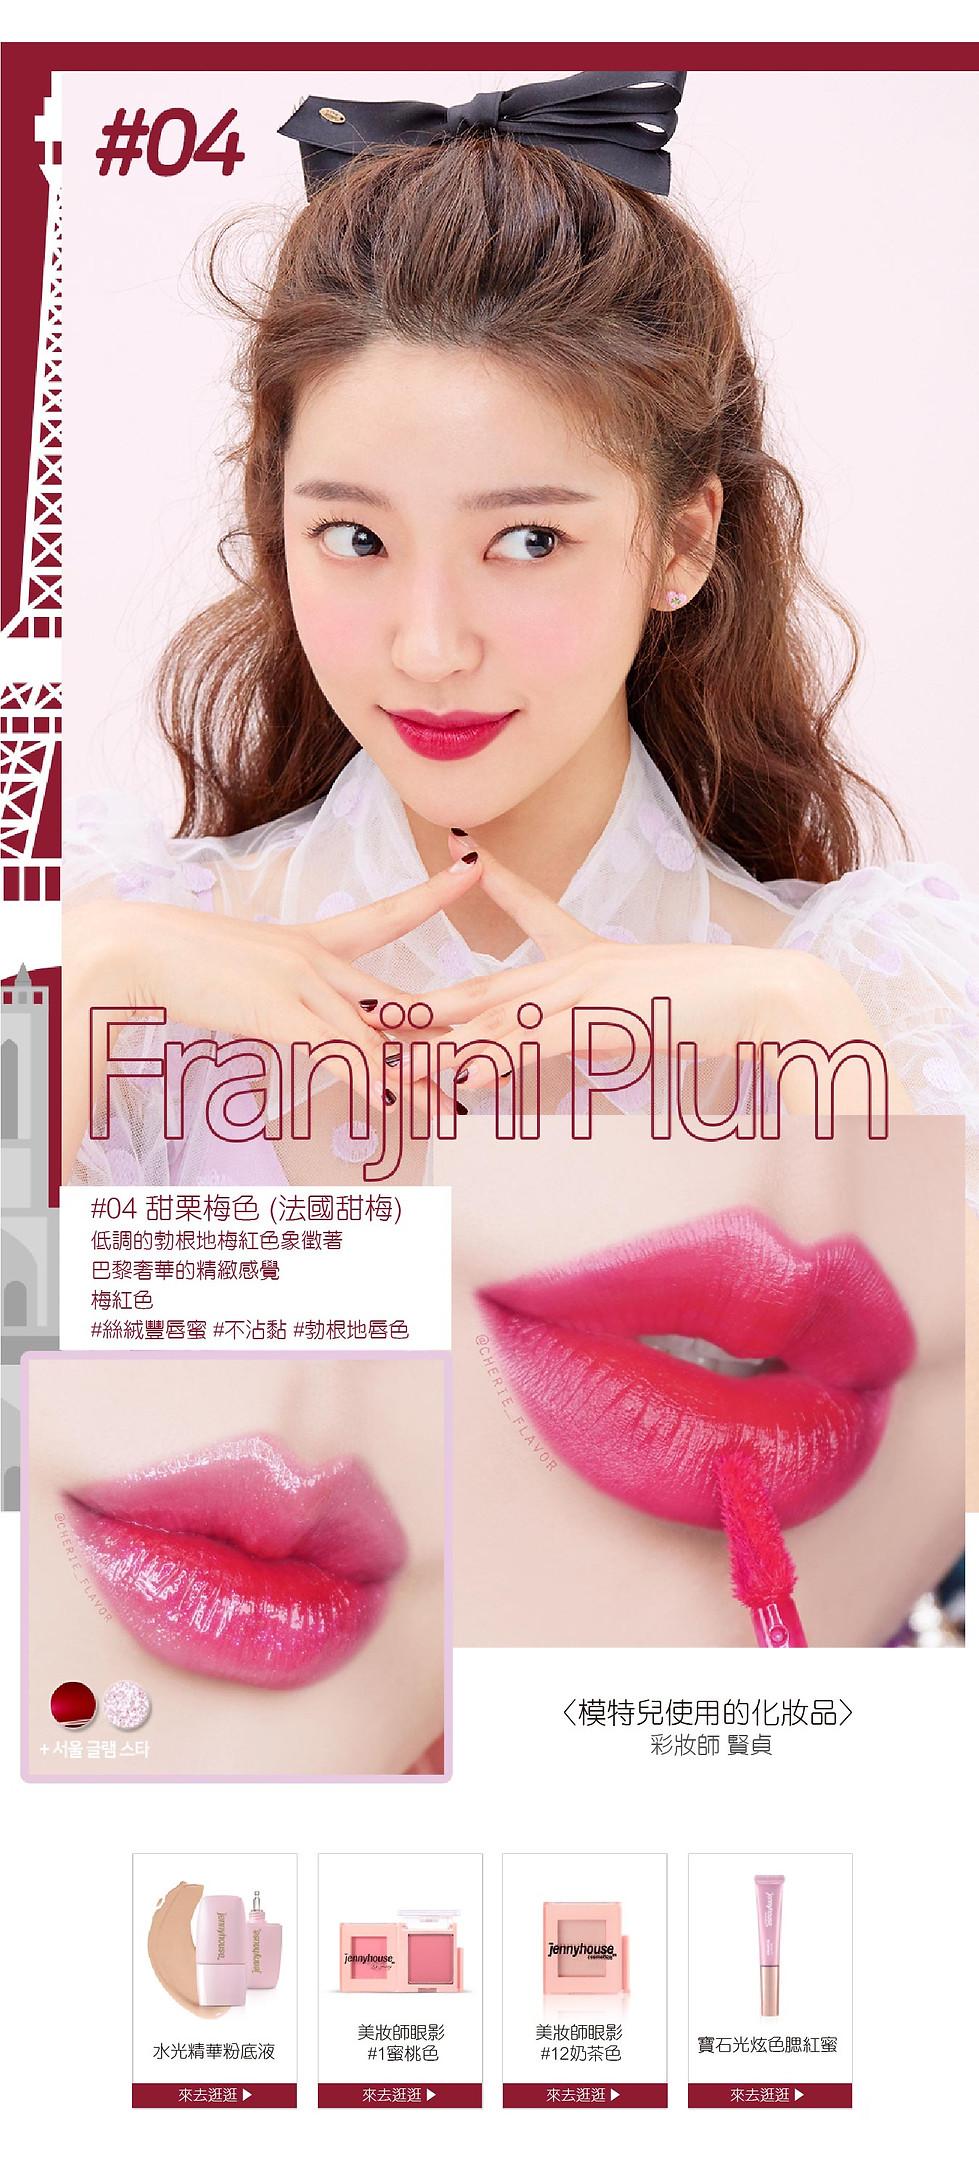 韓國化妝品網站長圖-5-08.jpg